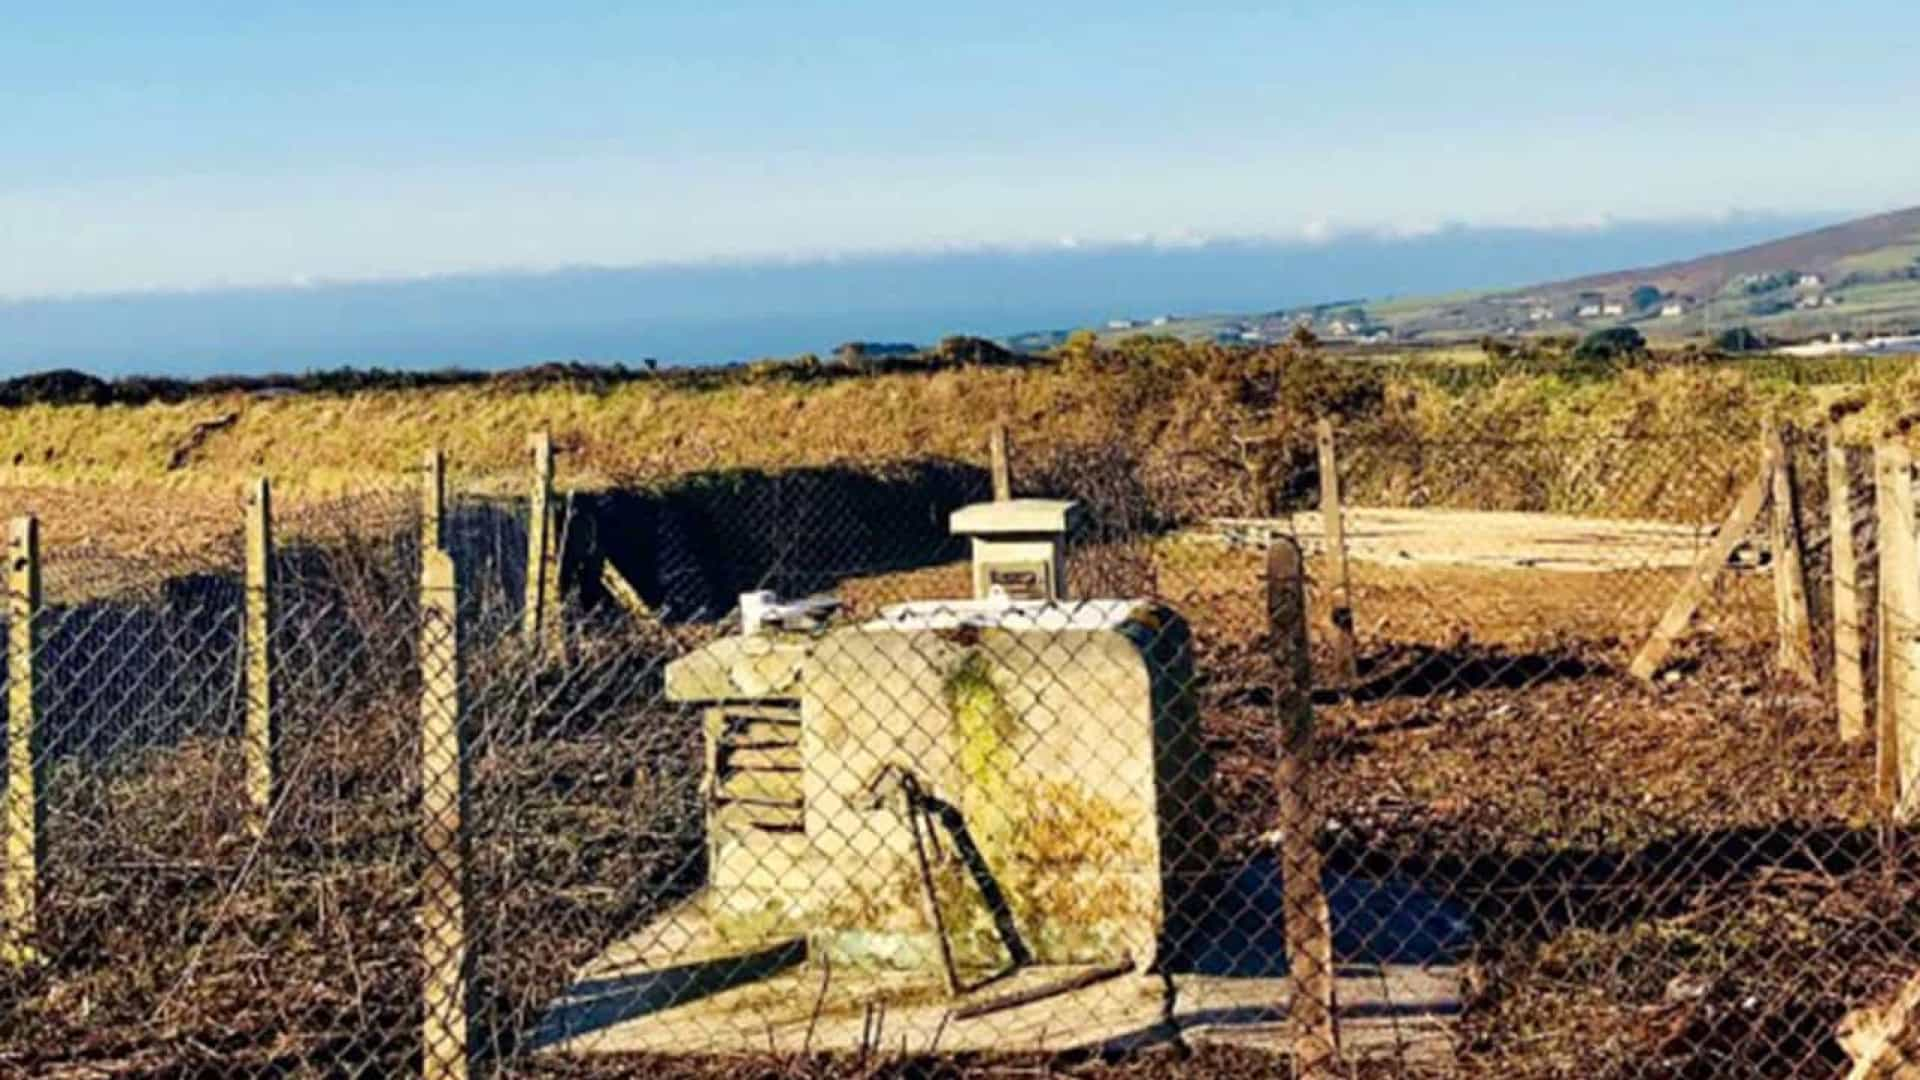 Abrigo nuclear da Guerra Fria à venda em leilão por 40 mil euros